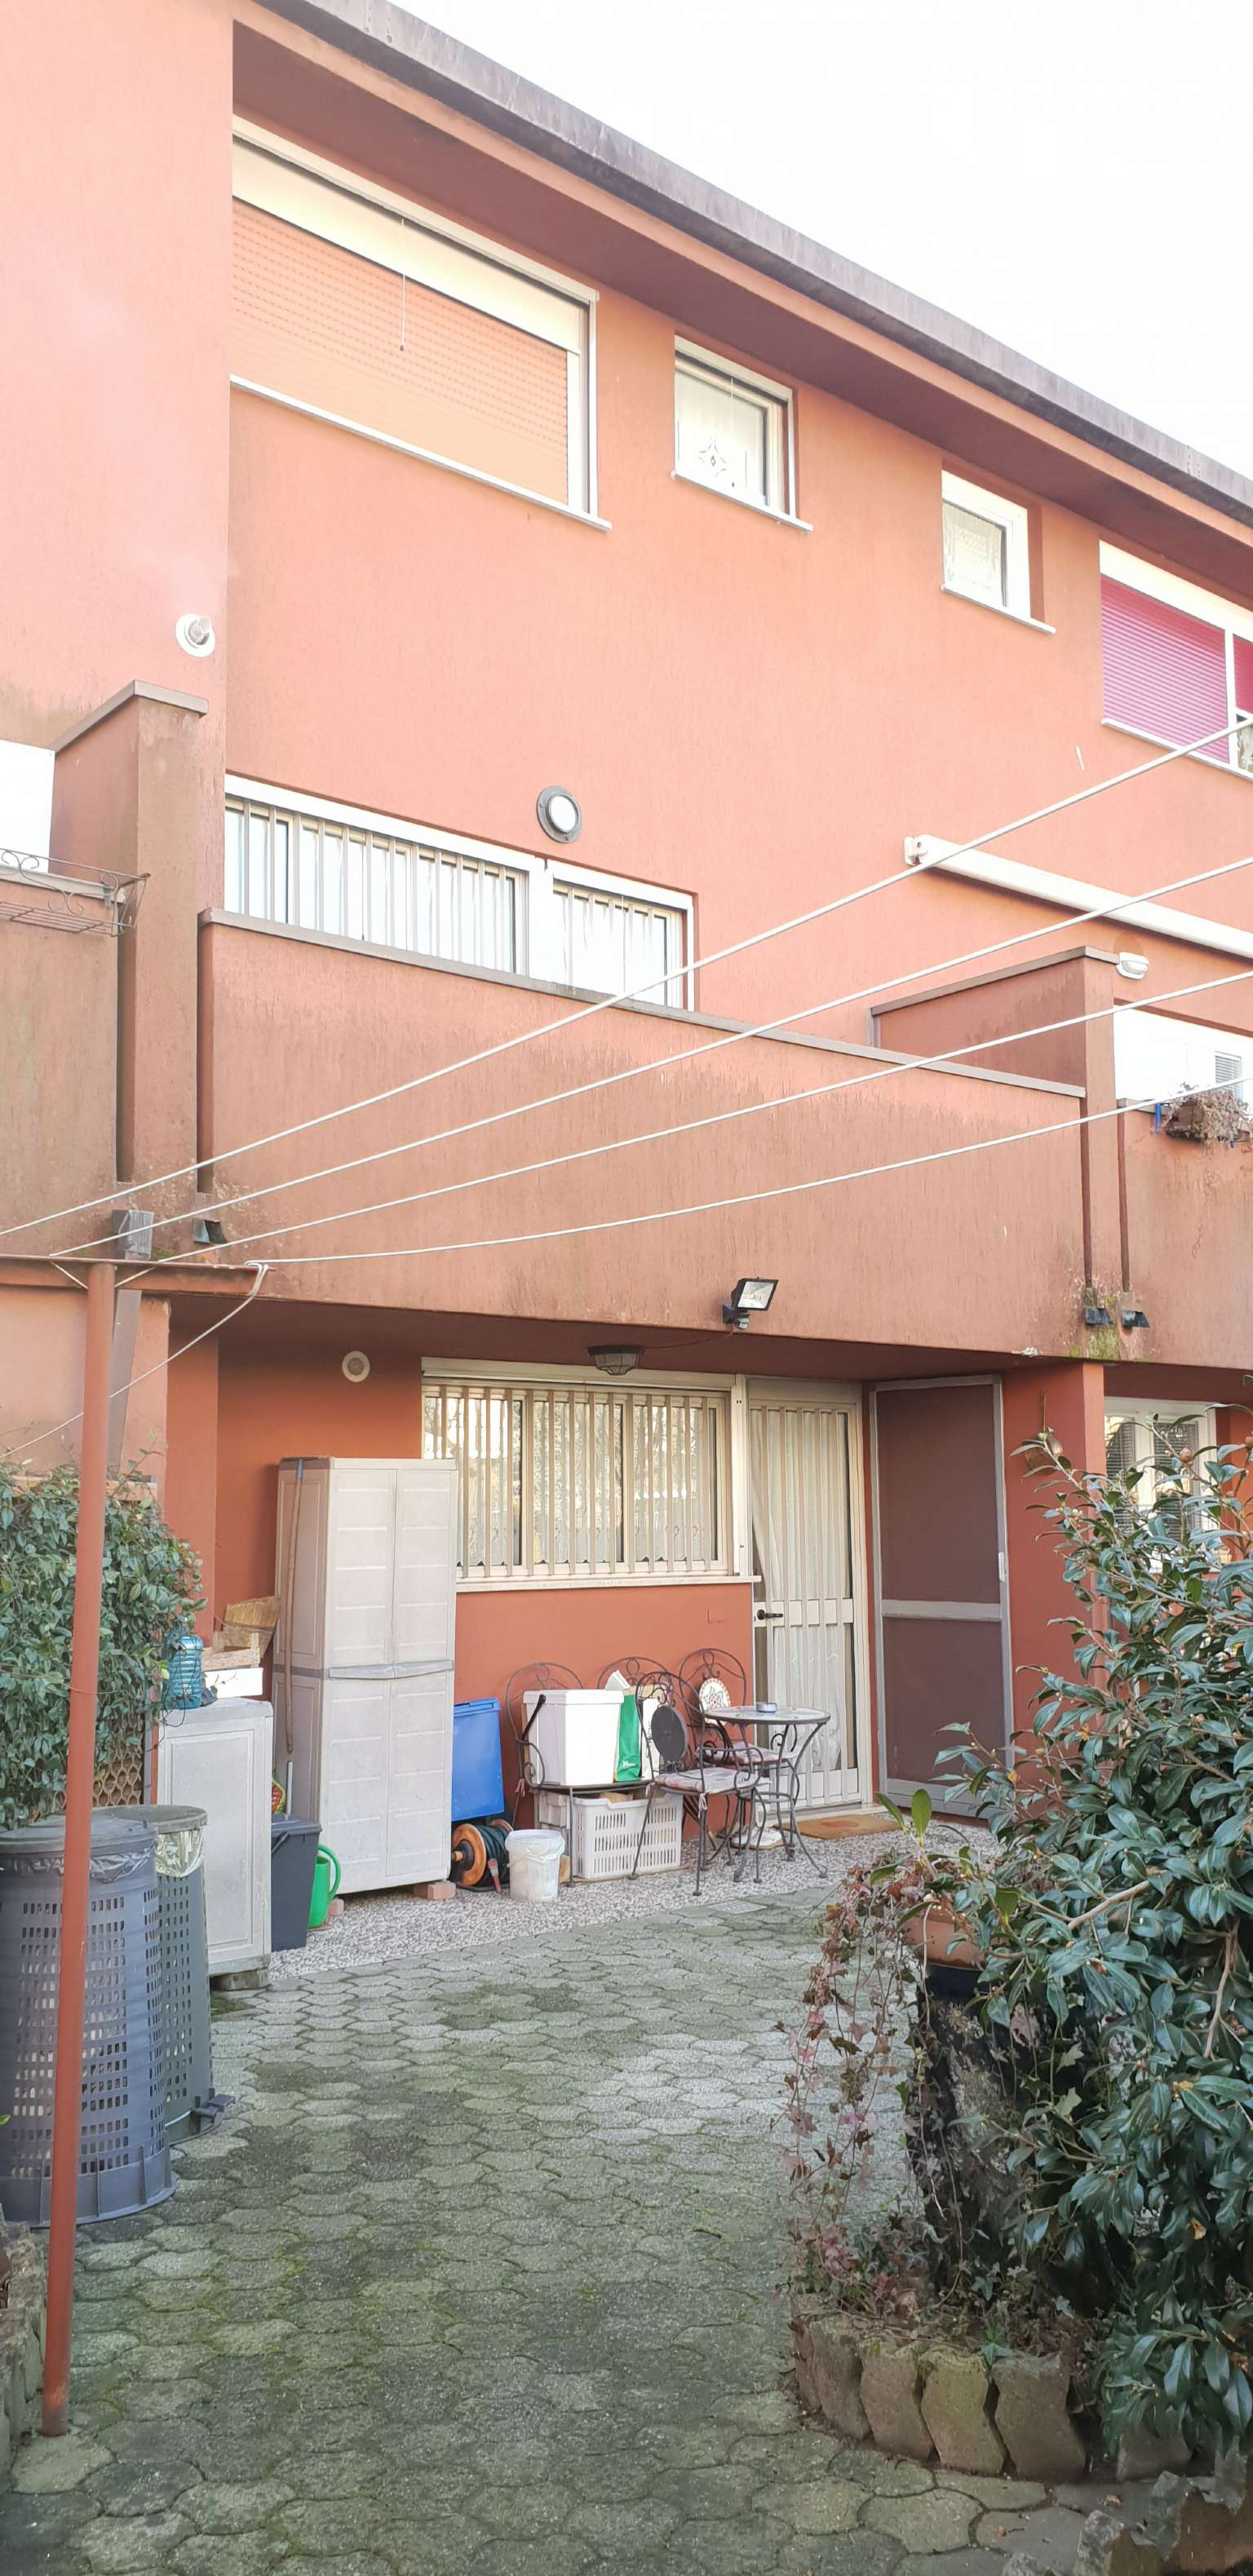 Villa a Schiera in vendita a Peschiera Borromeo, 4 locali, prezzo € 360.000   CambioCasa.it